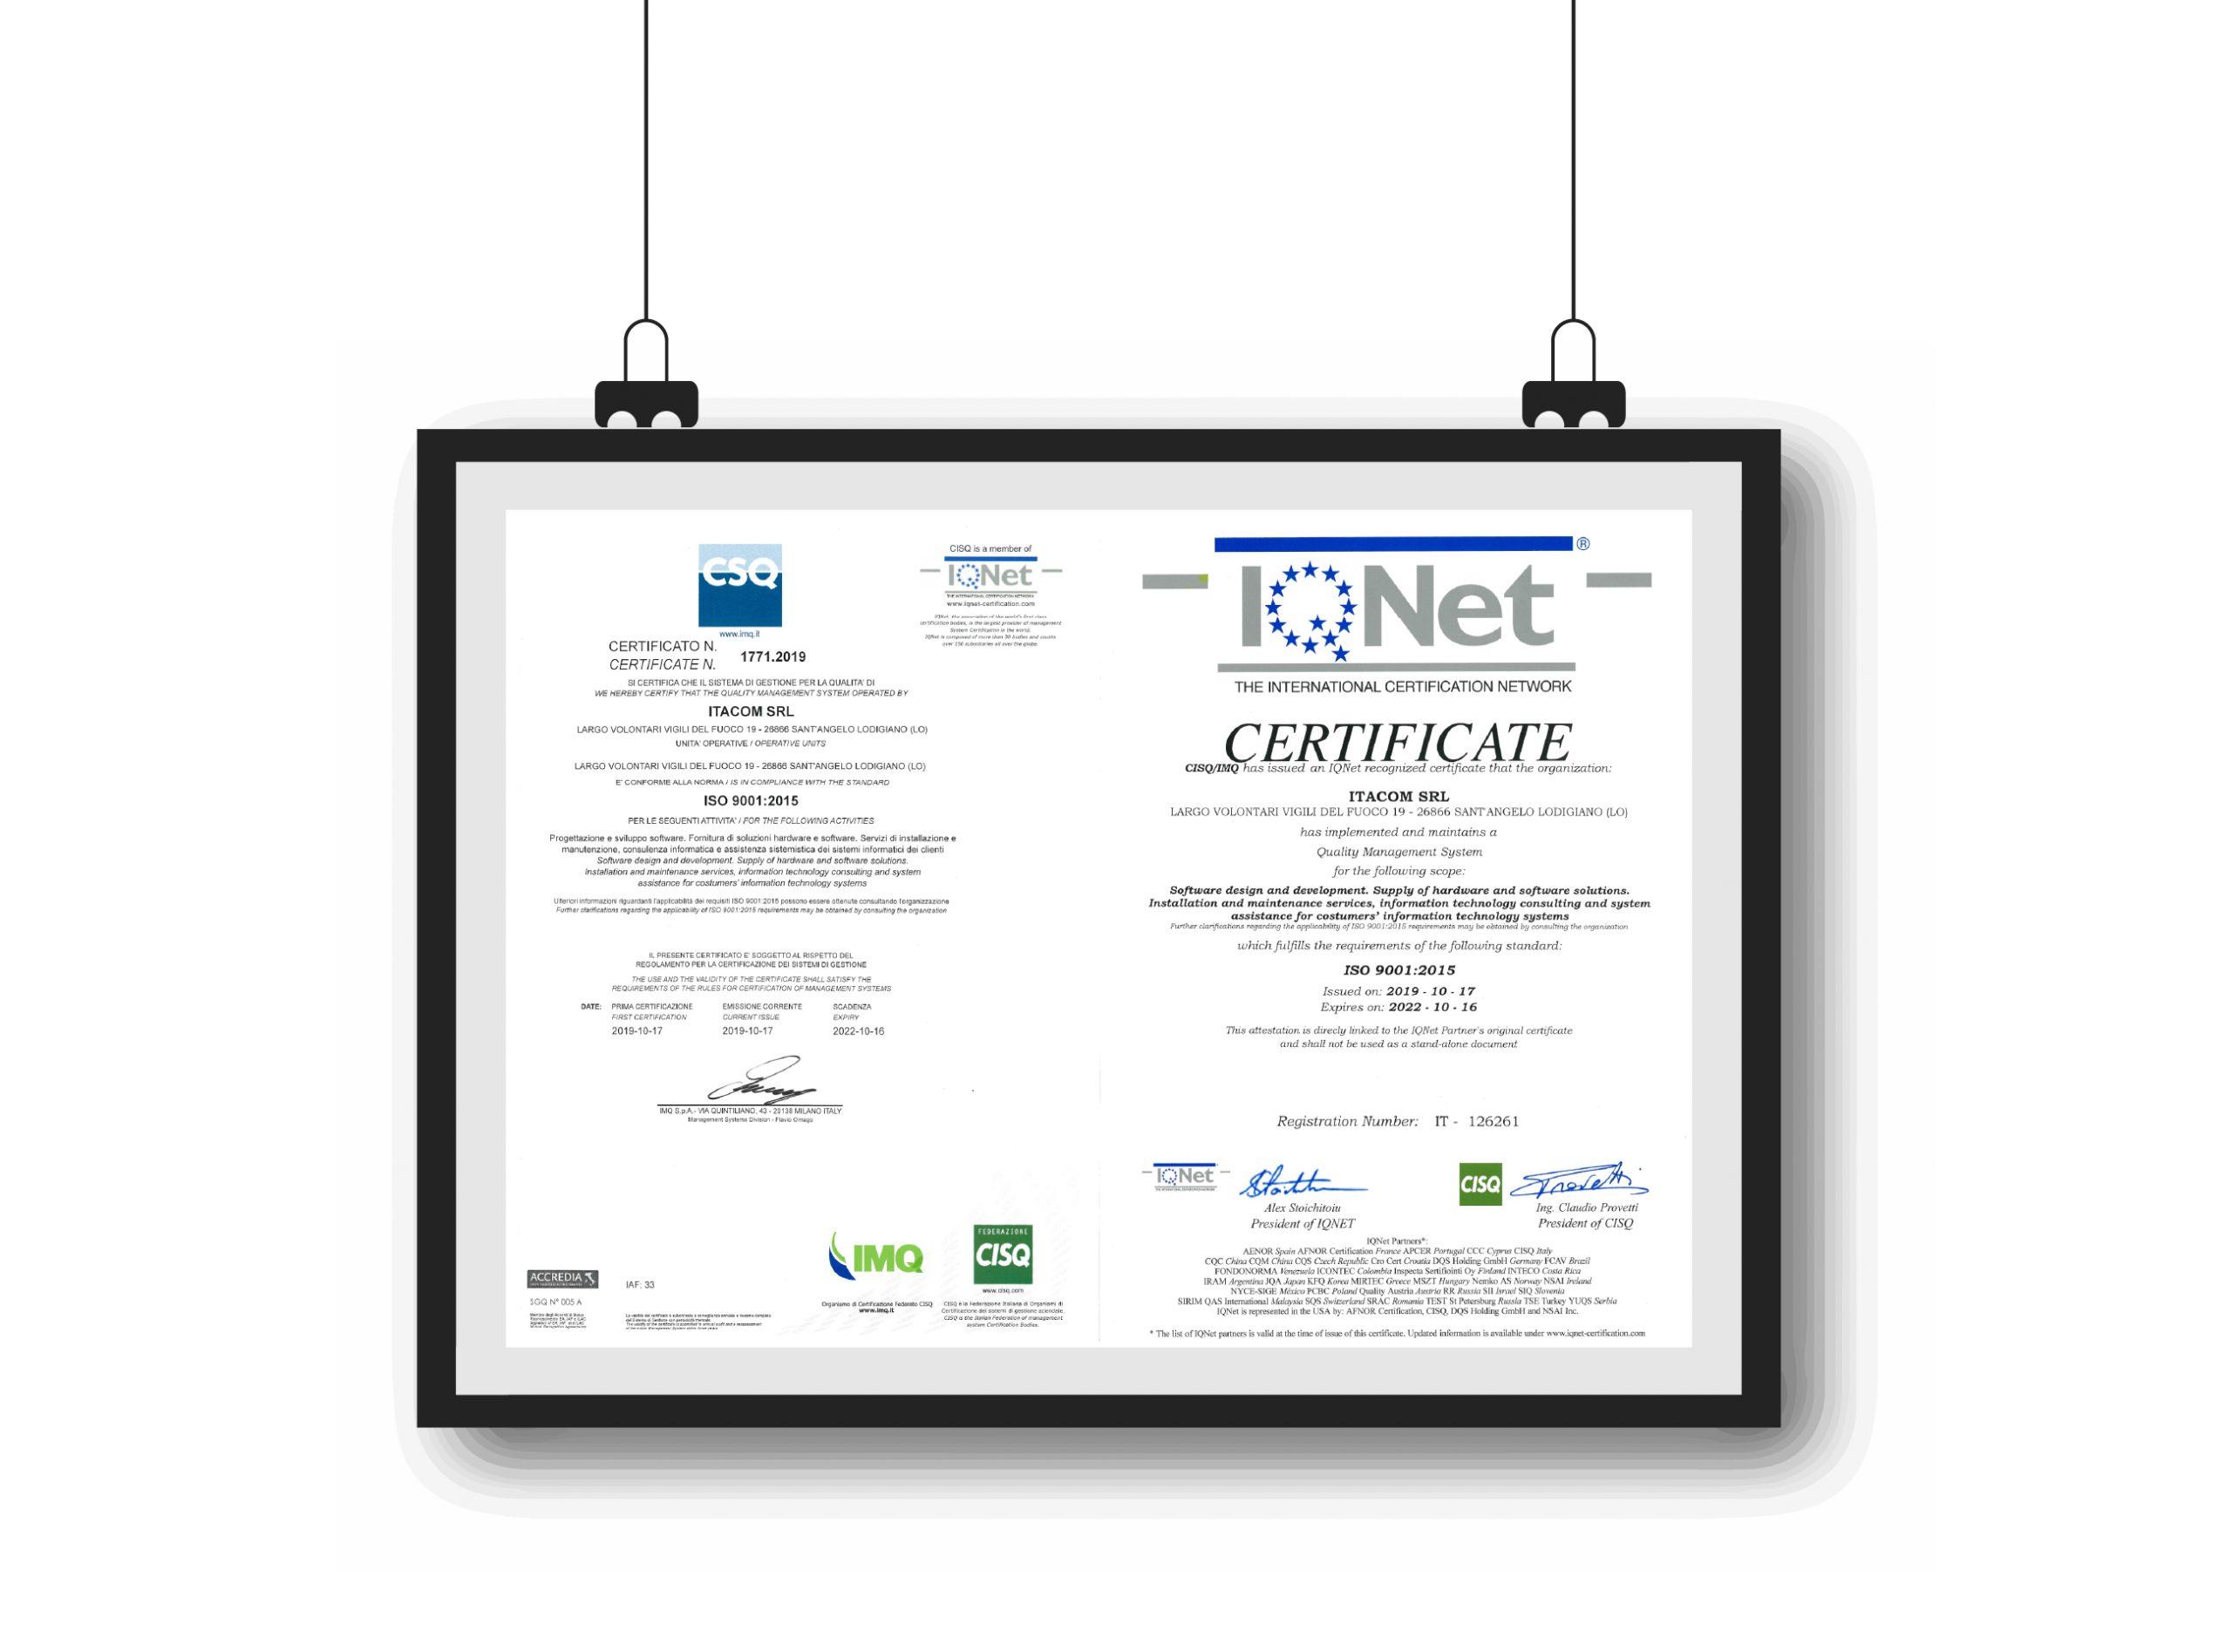 certificazione-itacom-iso-9001